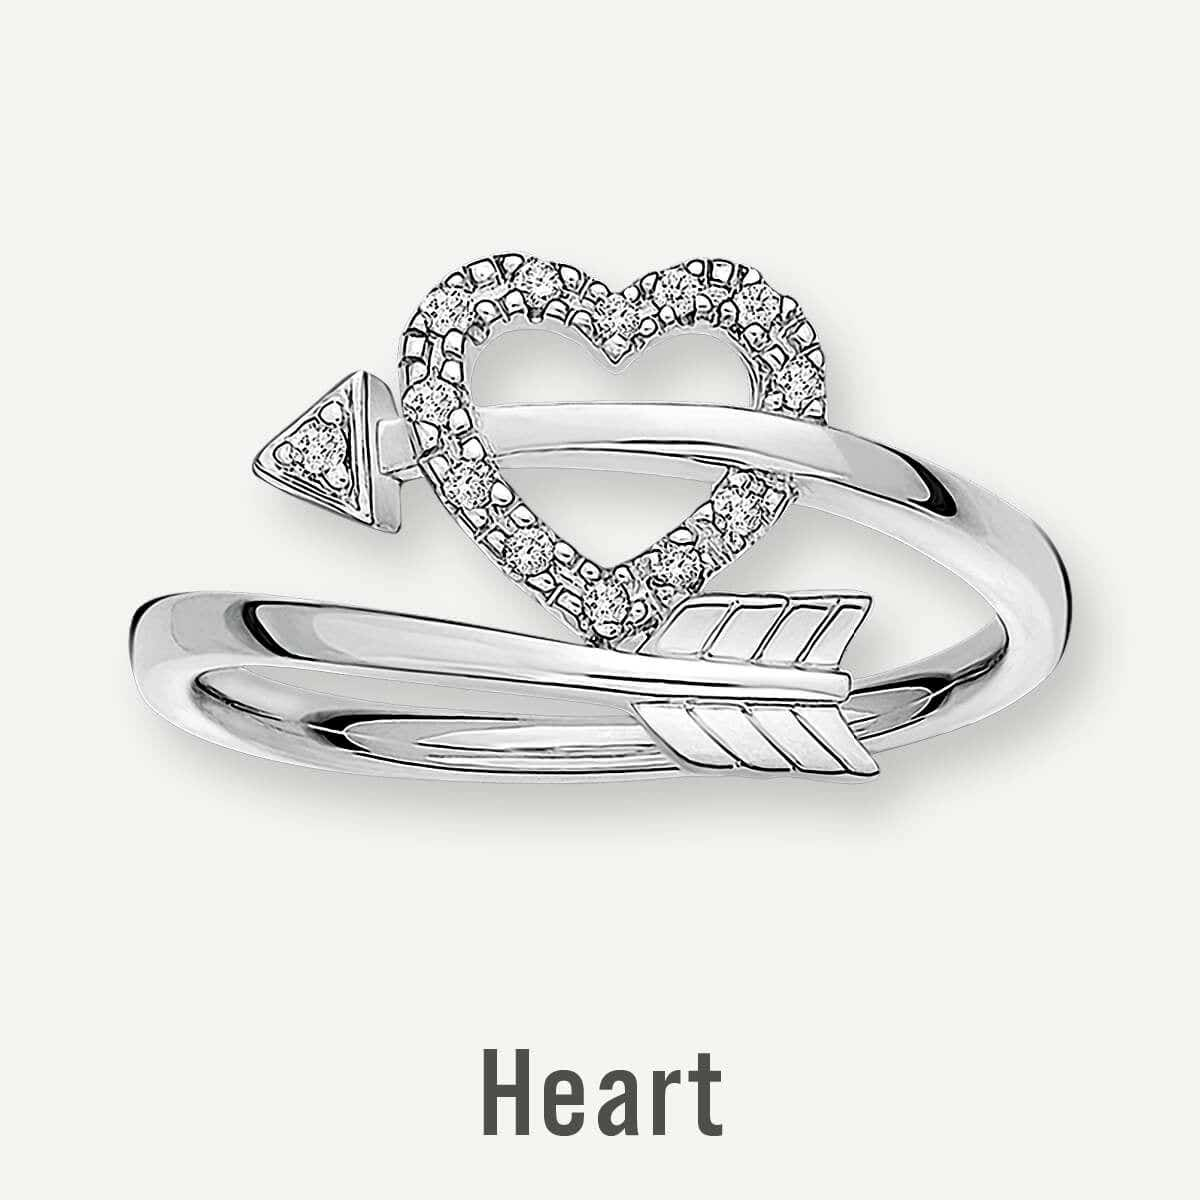 Heart Promise Rings